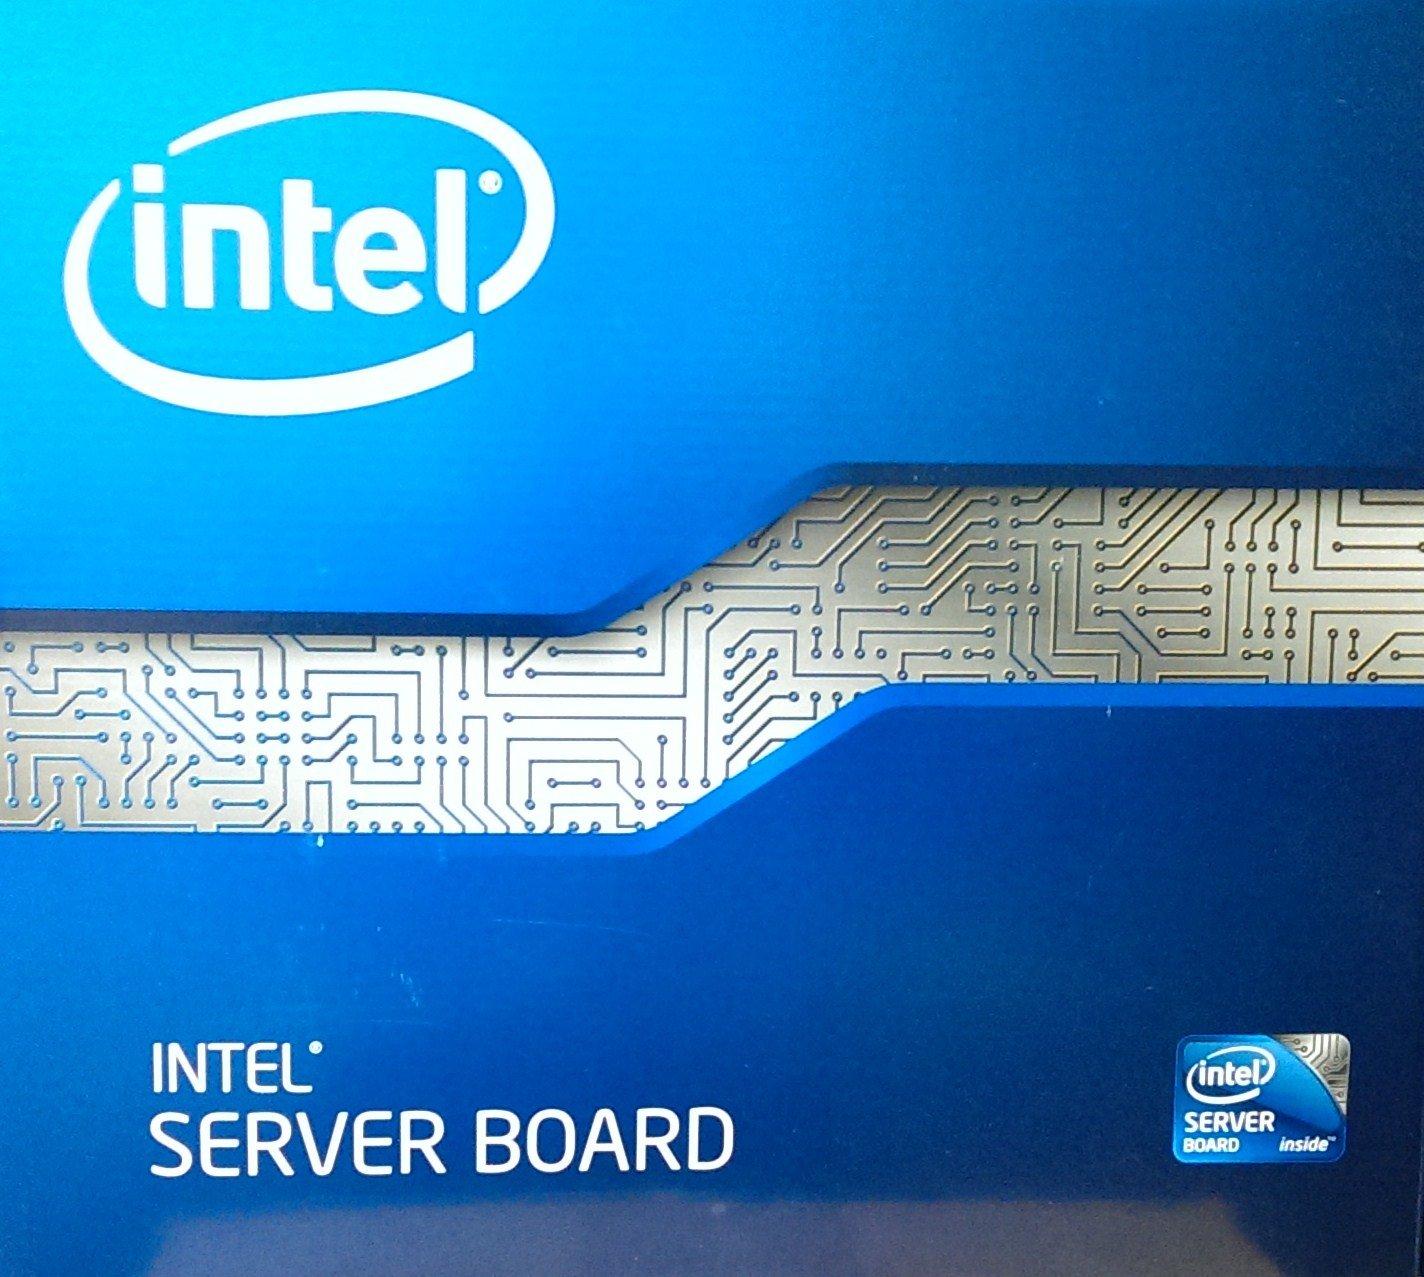 Intel DBS1400FP4 SSI ATX DDR3 Socket B2 Server Board S1400FP4